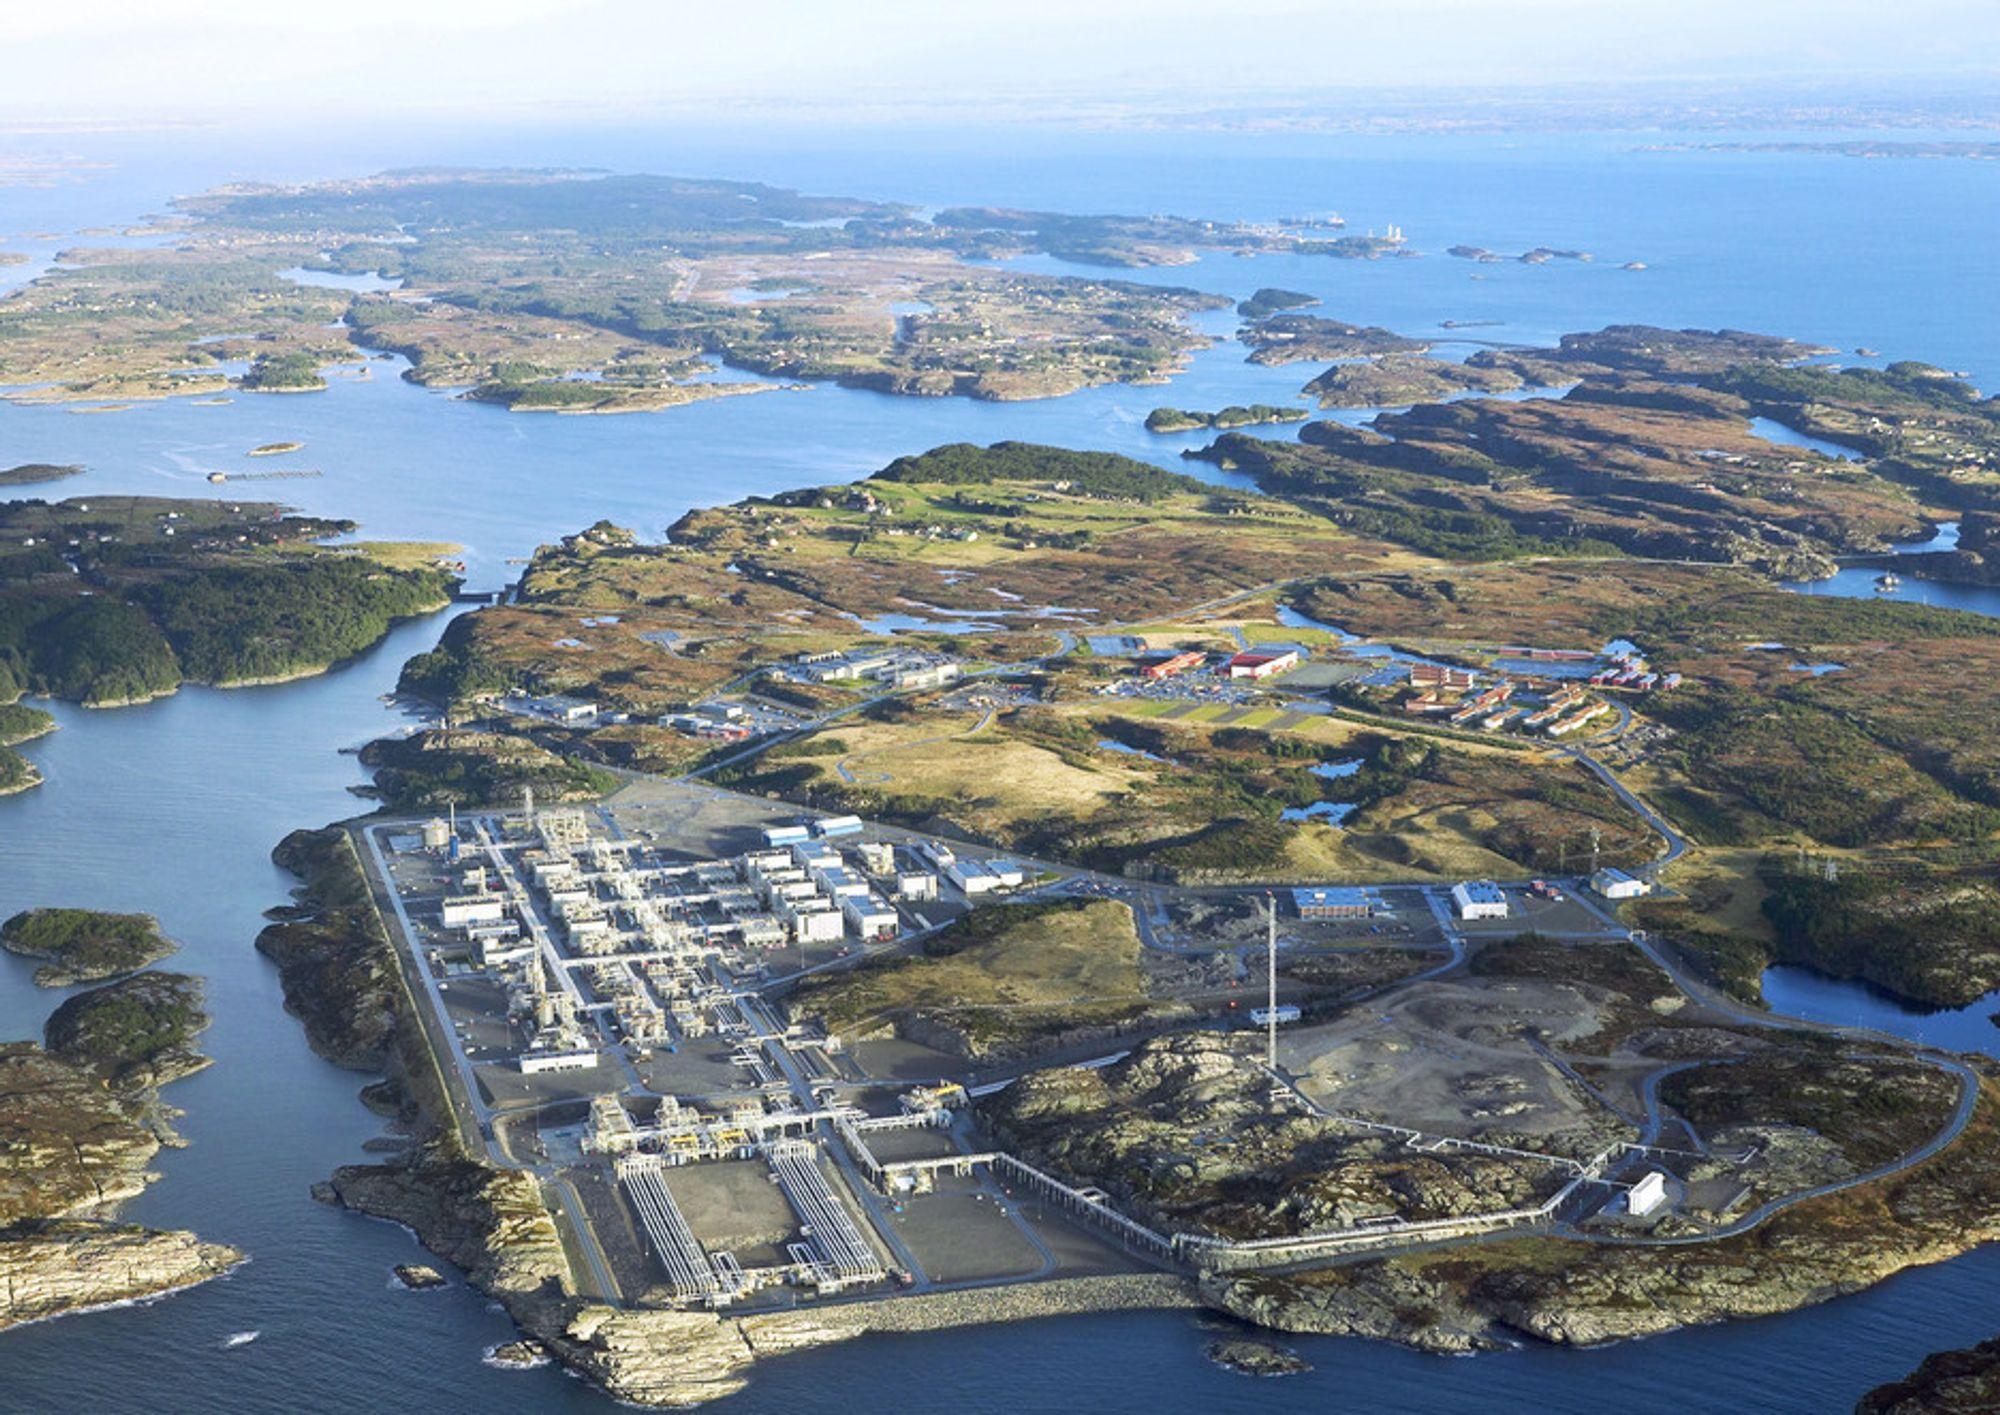 VIL RENSE: På Kollsnes i Øygarden kommune produserer BKK i dag kraft og varme basert på spillgass fra Gasnors LNG fabrikk. CO2-utslippet er litt over 24.000 tonn per år.